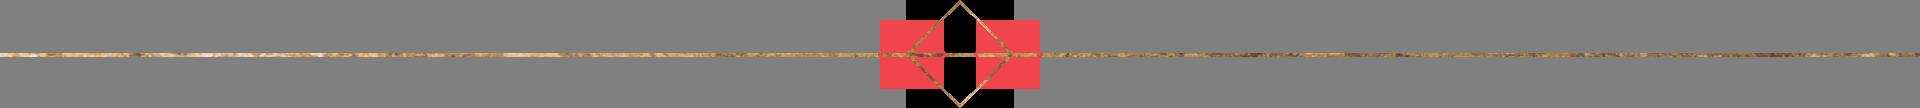 divider-4